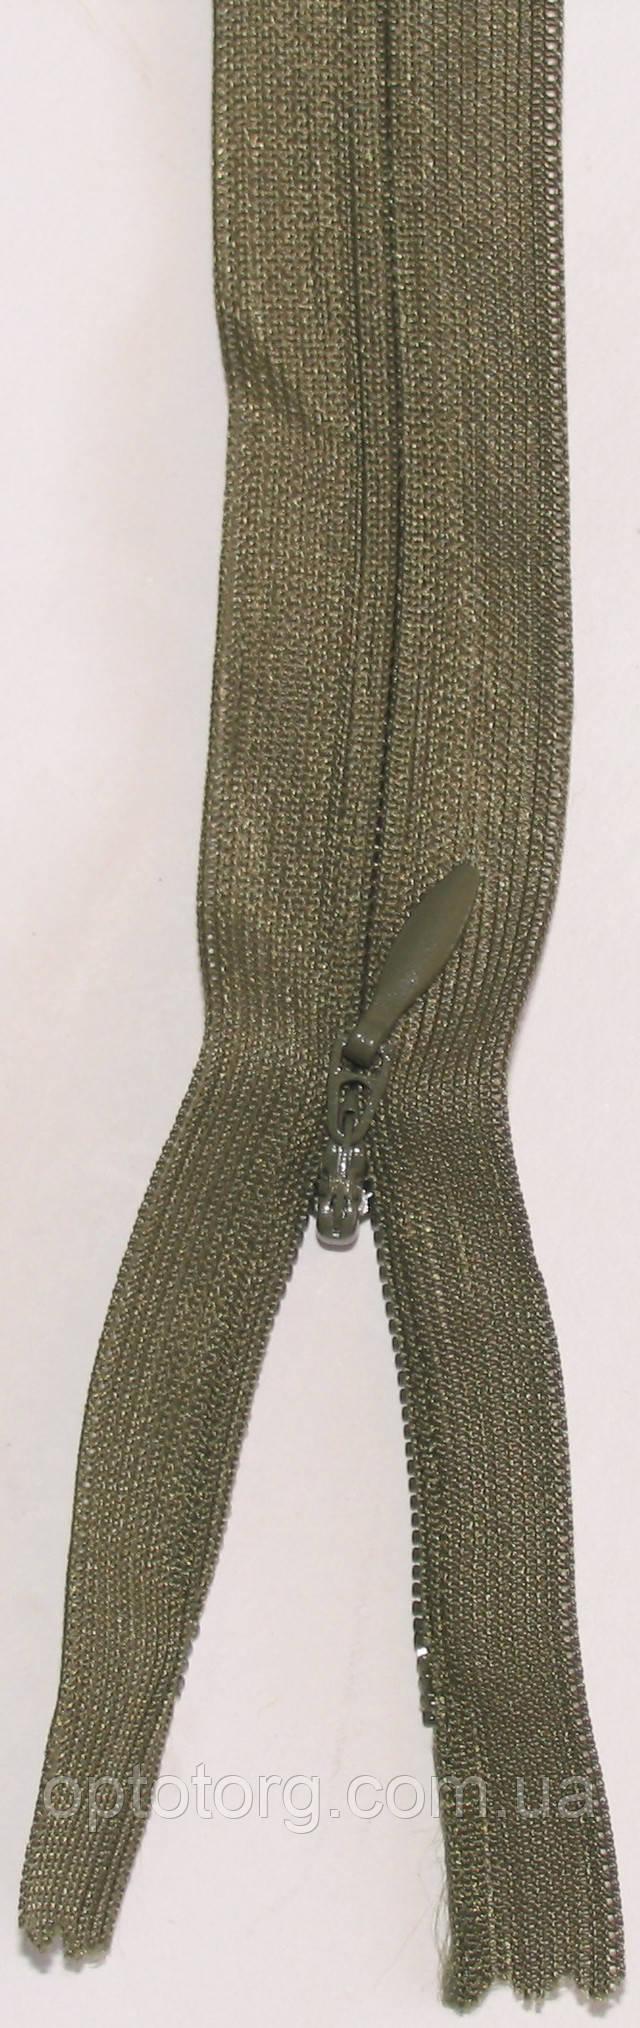 потайная цвета хакки неразъмная пластиковая молния, змейка длина 50см оптом от optotorg.com.ua